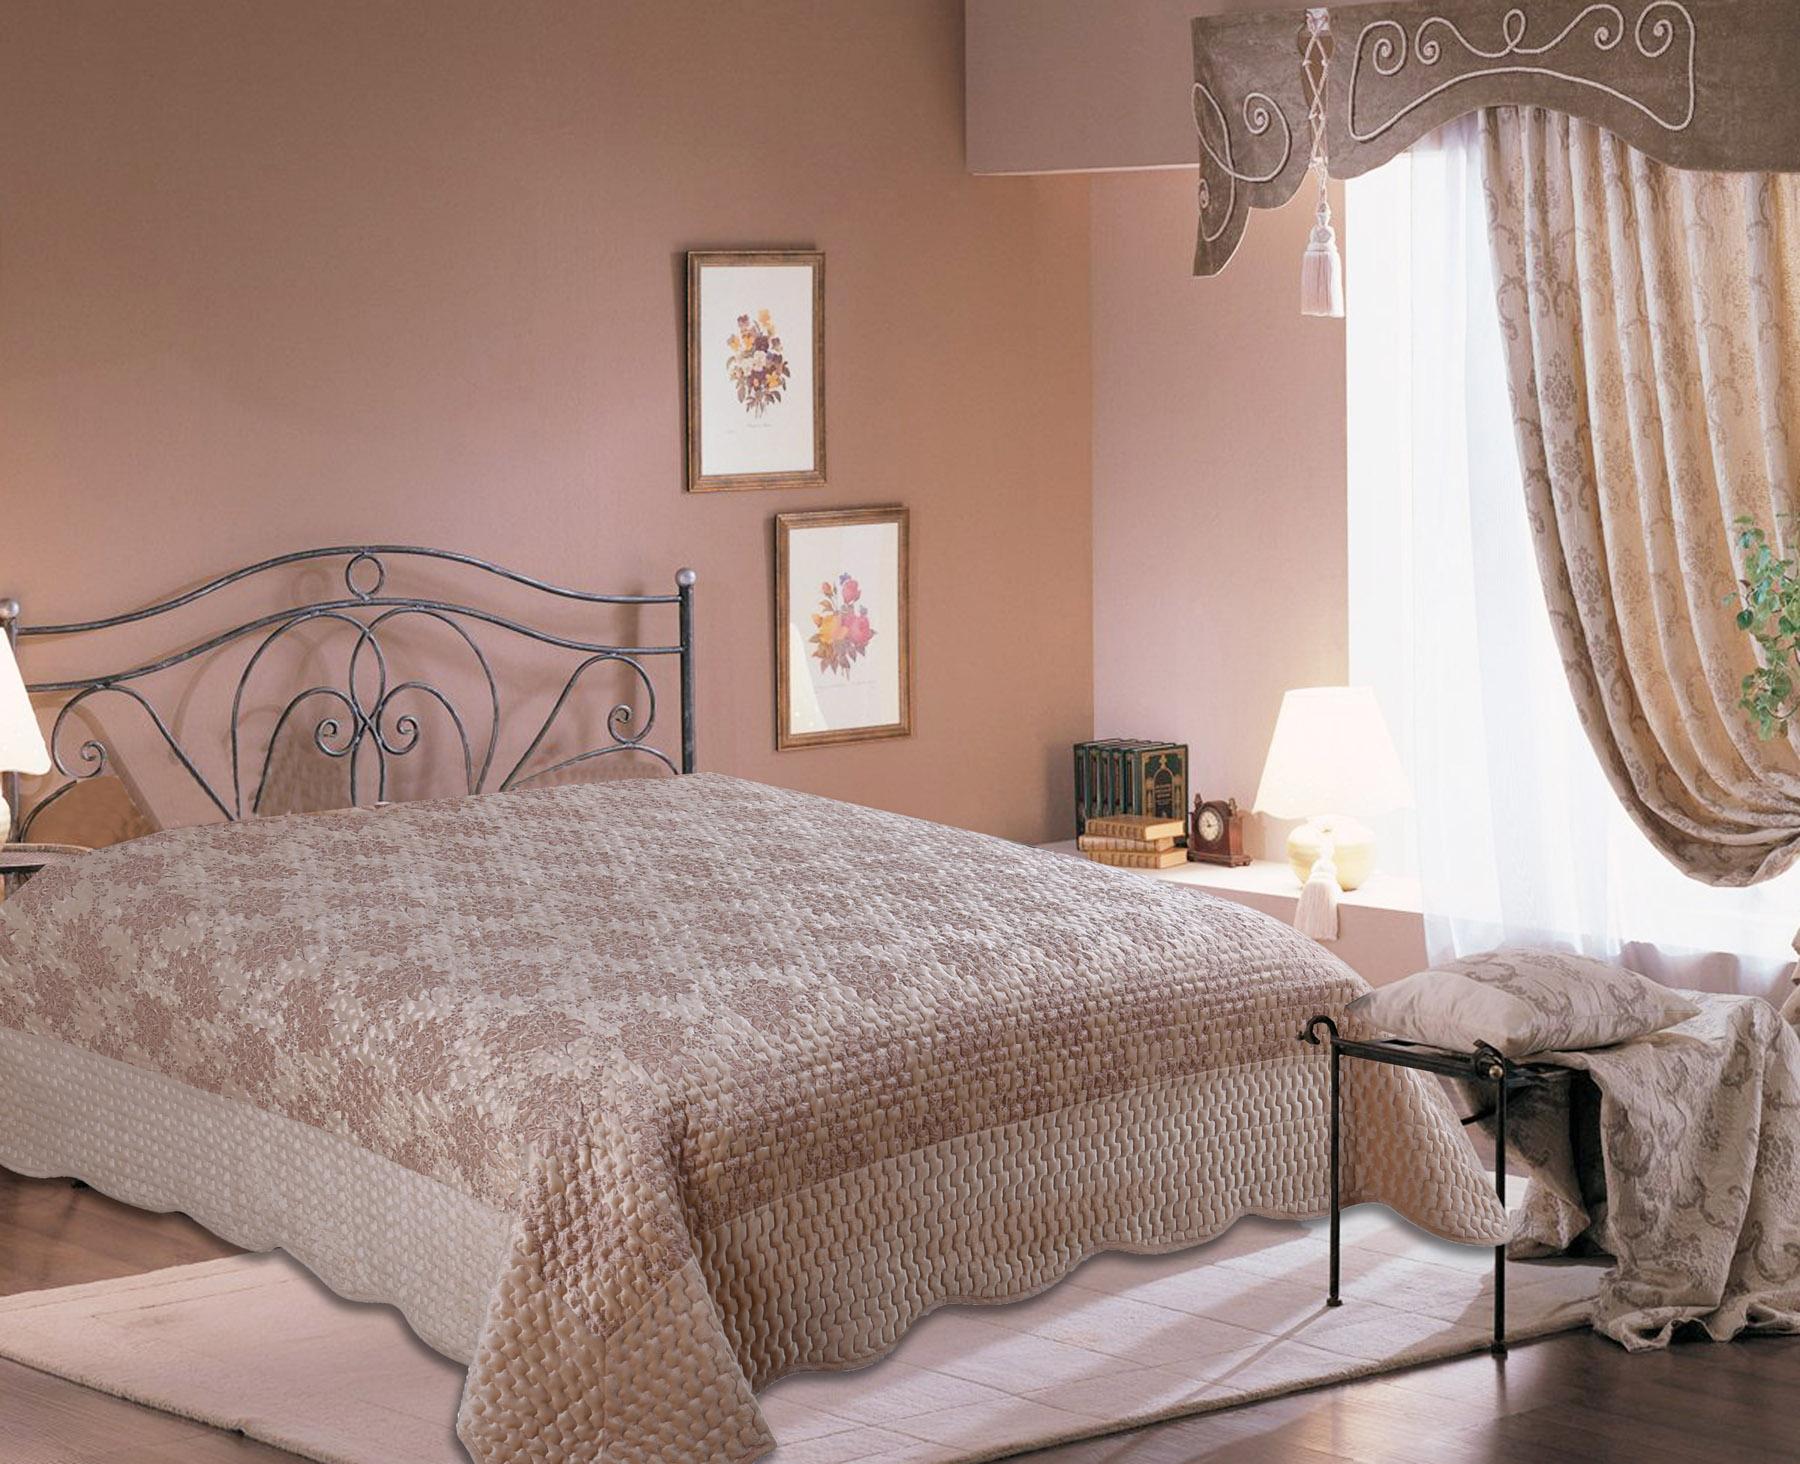 Покрывало Amore Mio Покрывало Turin (220х240 см) покрывало amore mio decor 220 х 240 см